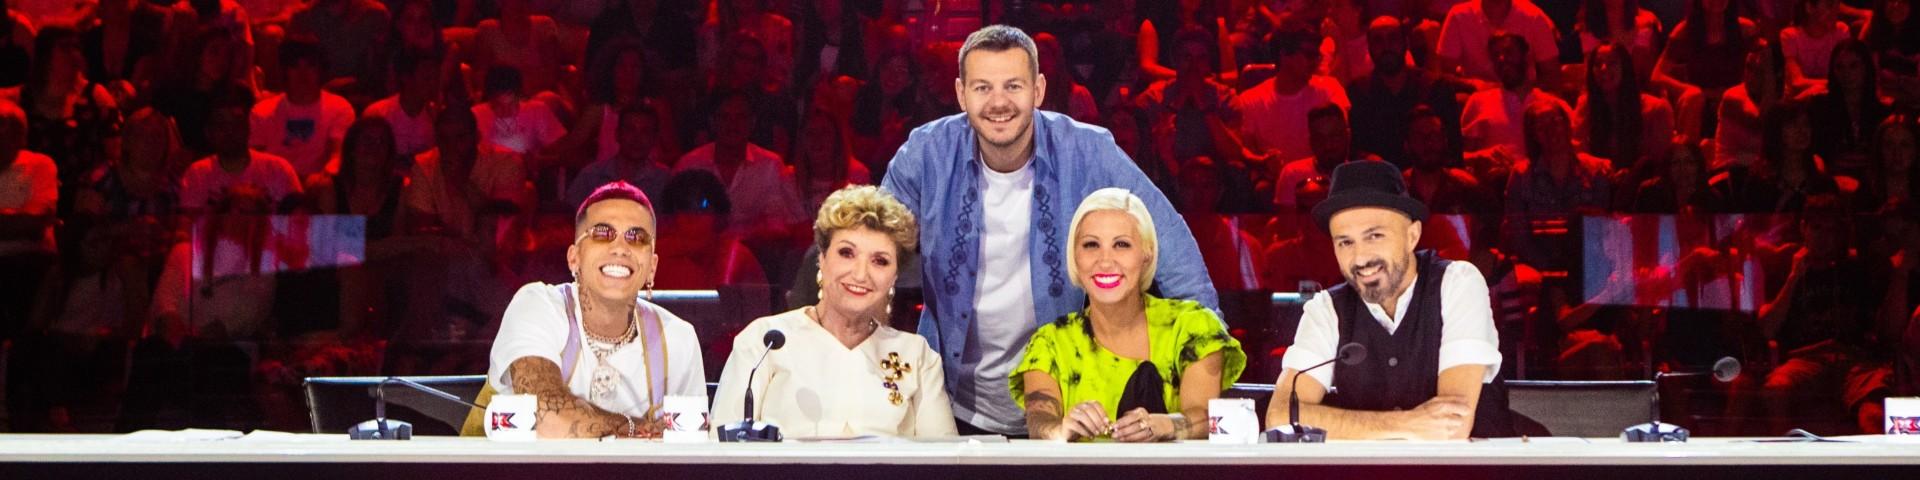 X Factor 2019, Live 31 ottobre